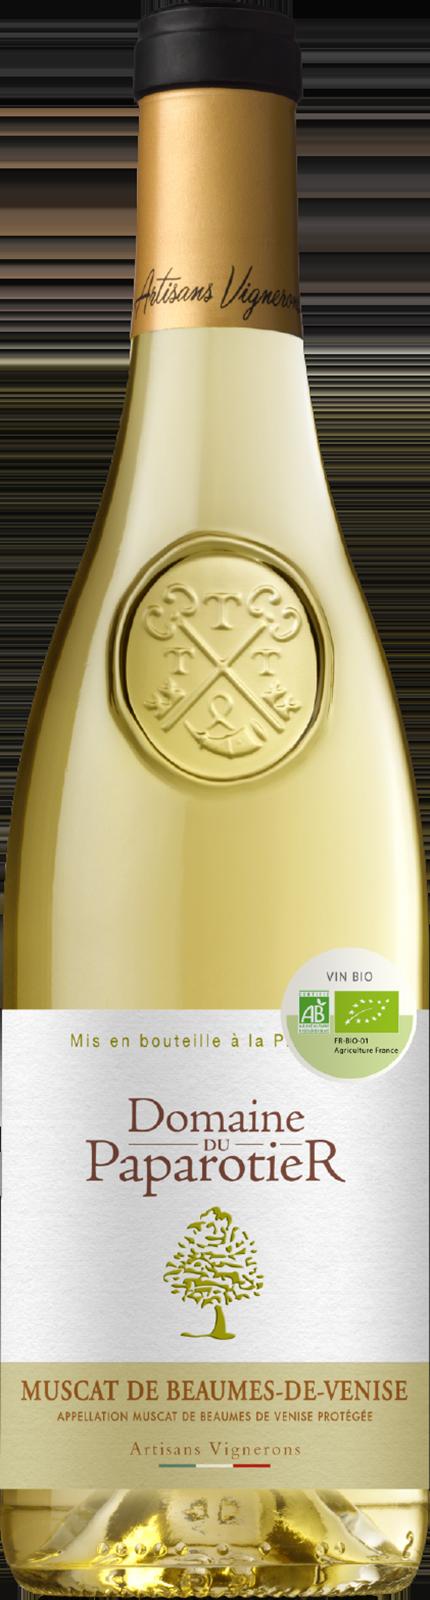 2015-Paparotier Muscat Beaumes de Venise Blanc